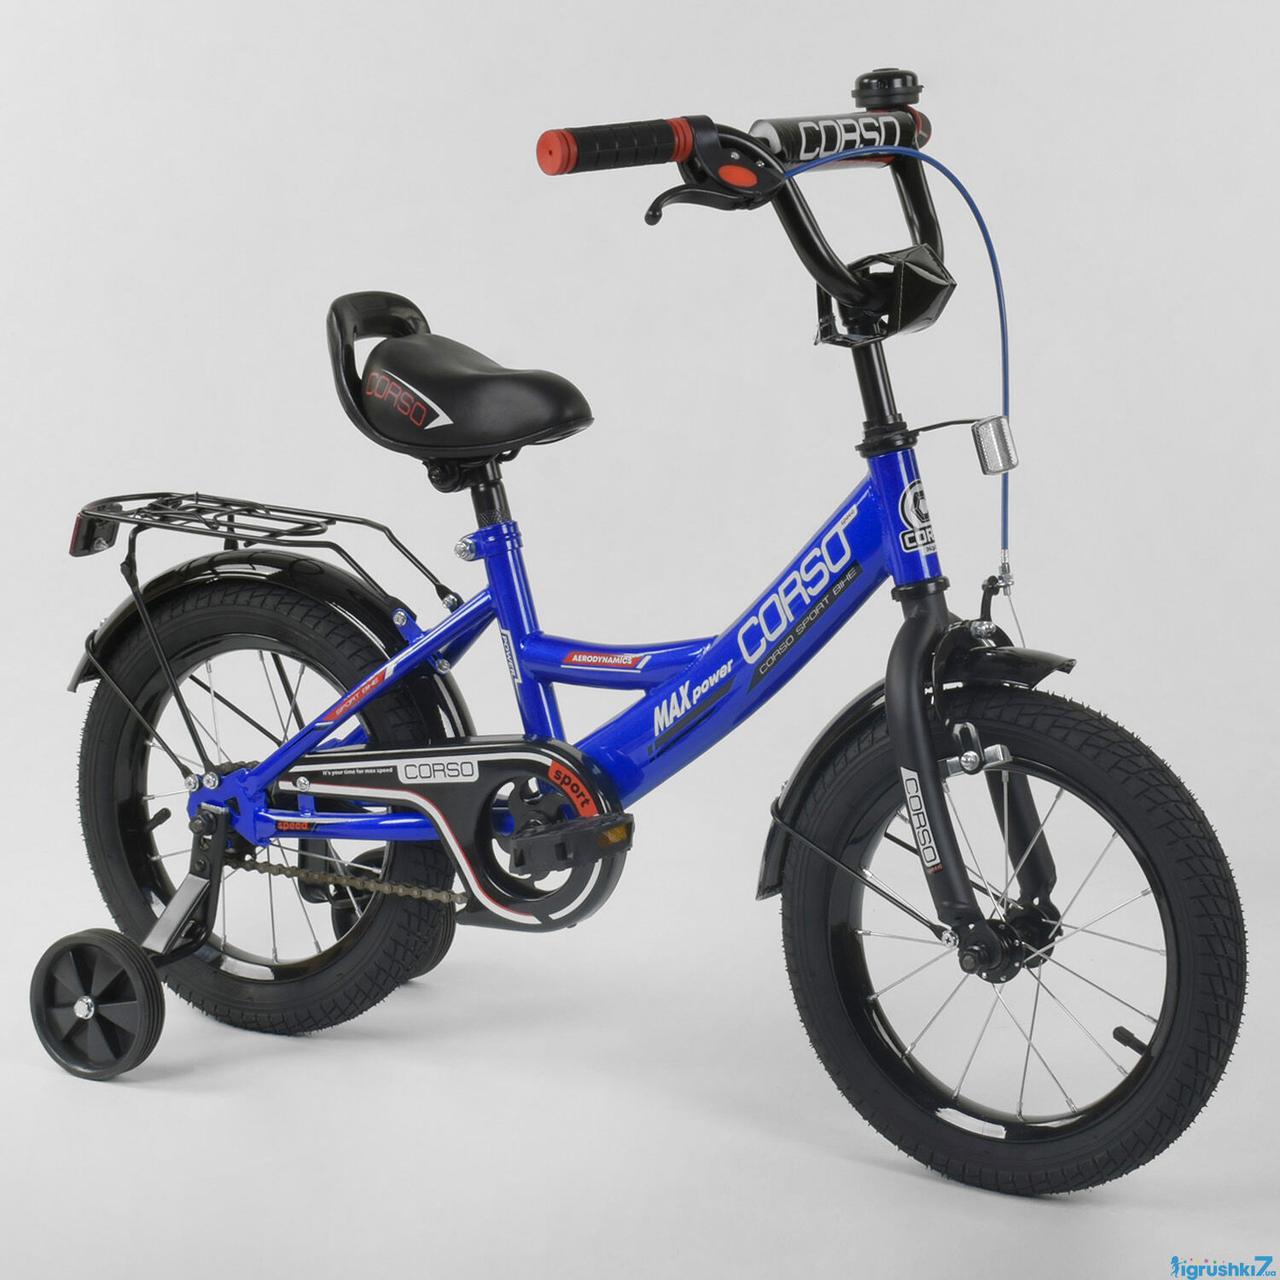 Детский двухколесный велосипед Corso колеса 14 дюймов CL-14 D 0599 синий